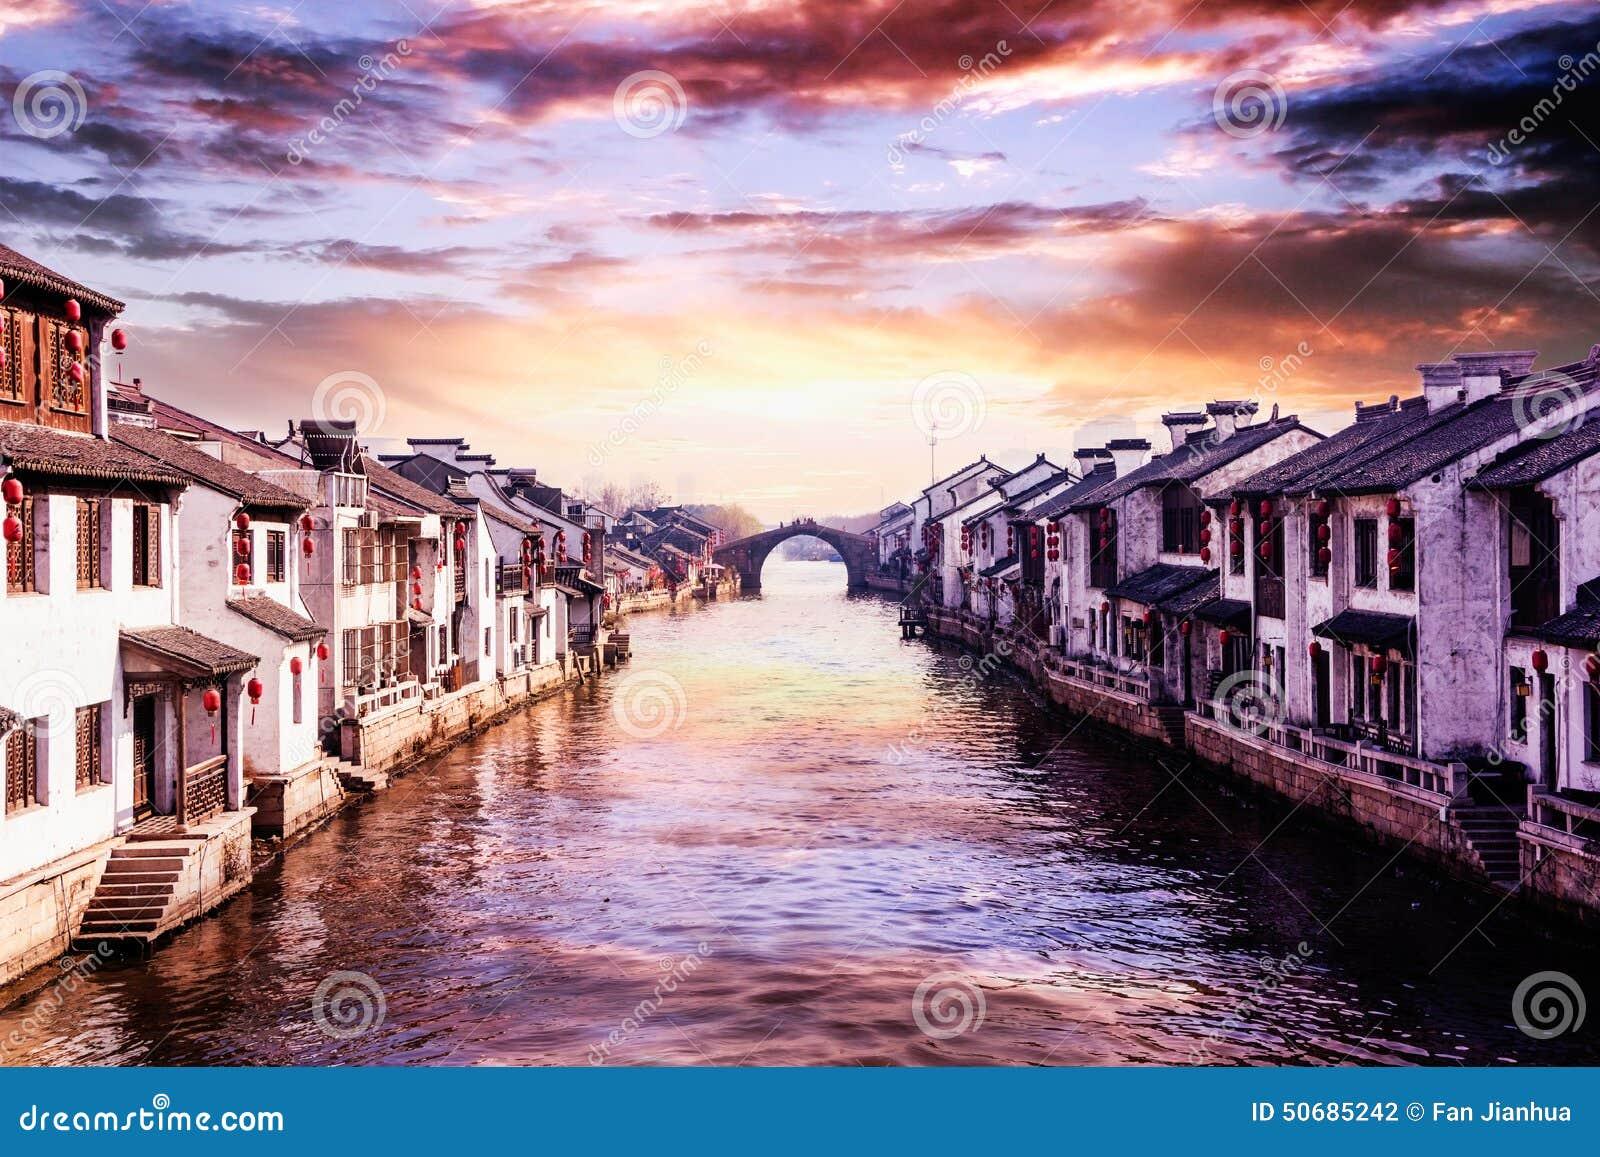 Download 苏州同里古镇 库存照片. 图片 包括有 休闲, 汉语, 房子, 城镇, 旅游业, 生活, 游人, 村庄, 方式 - 50685242